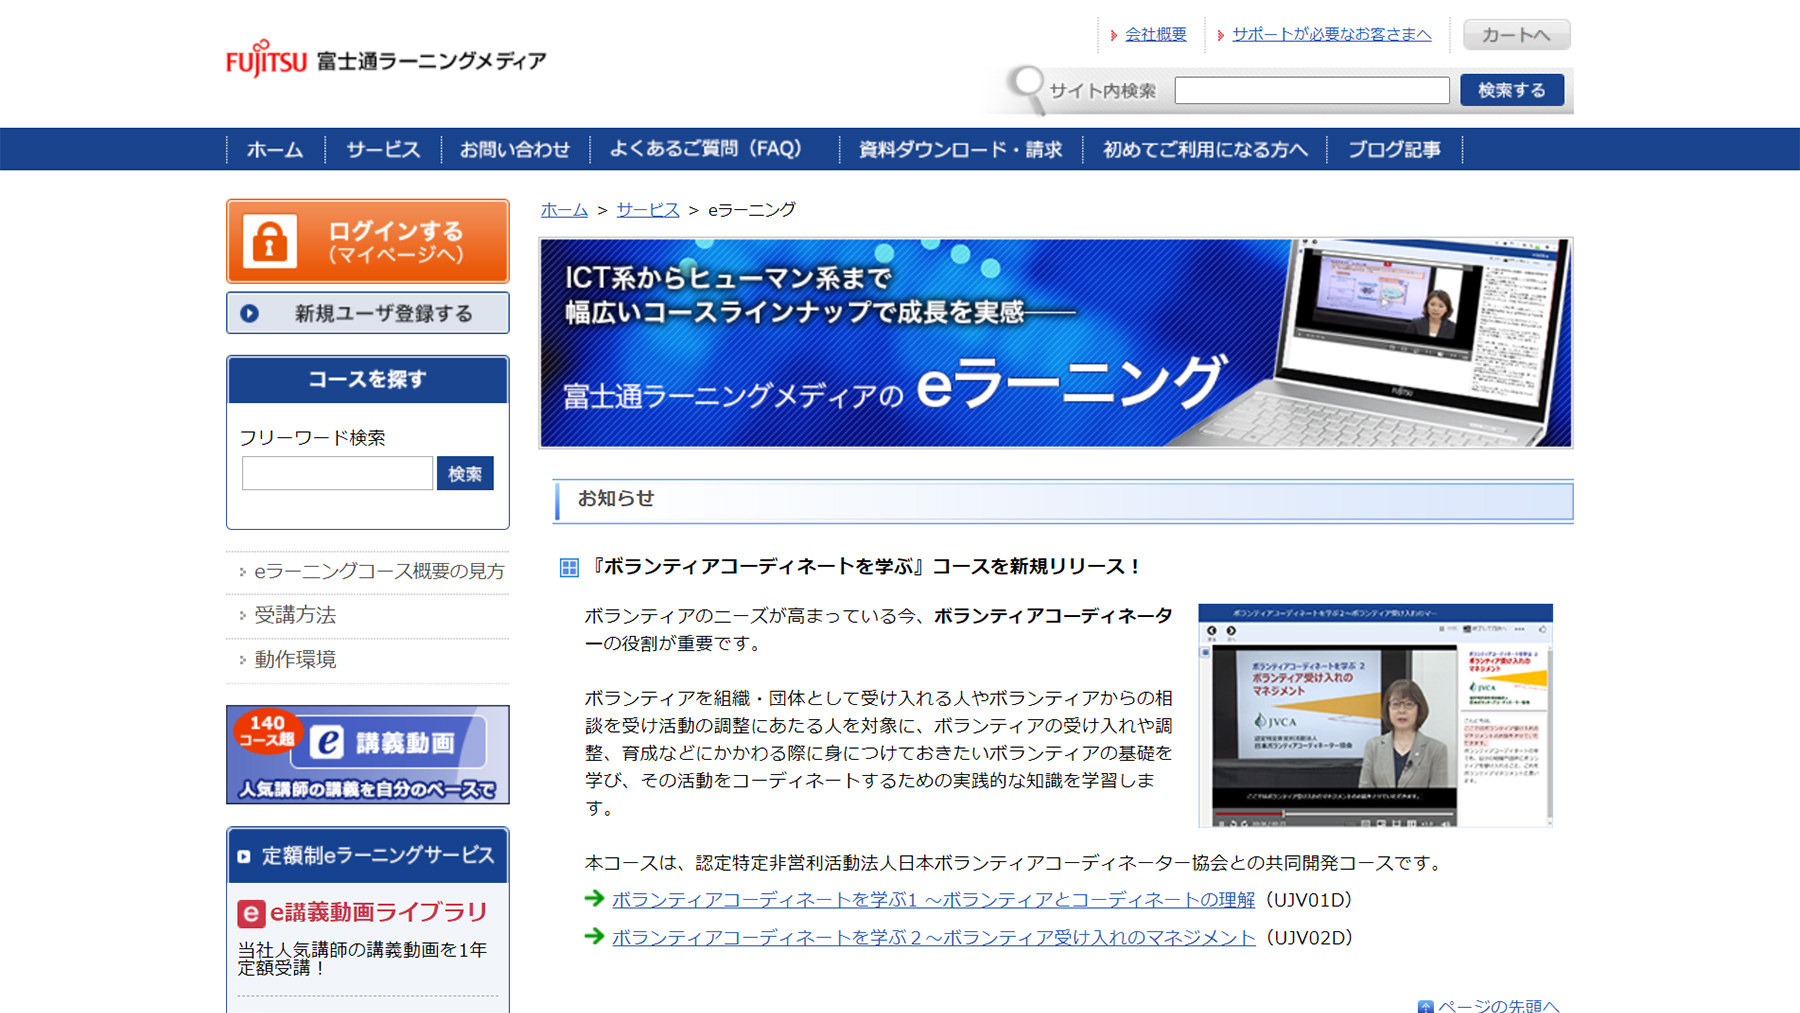 富士通eラーニングメディア公式Webサイト